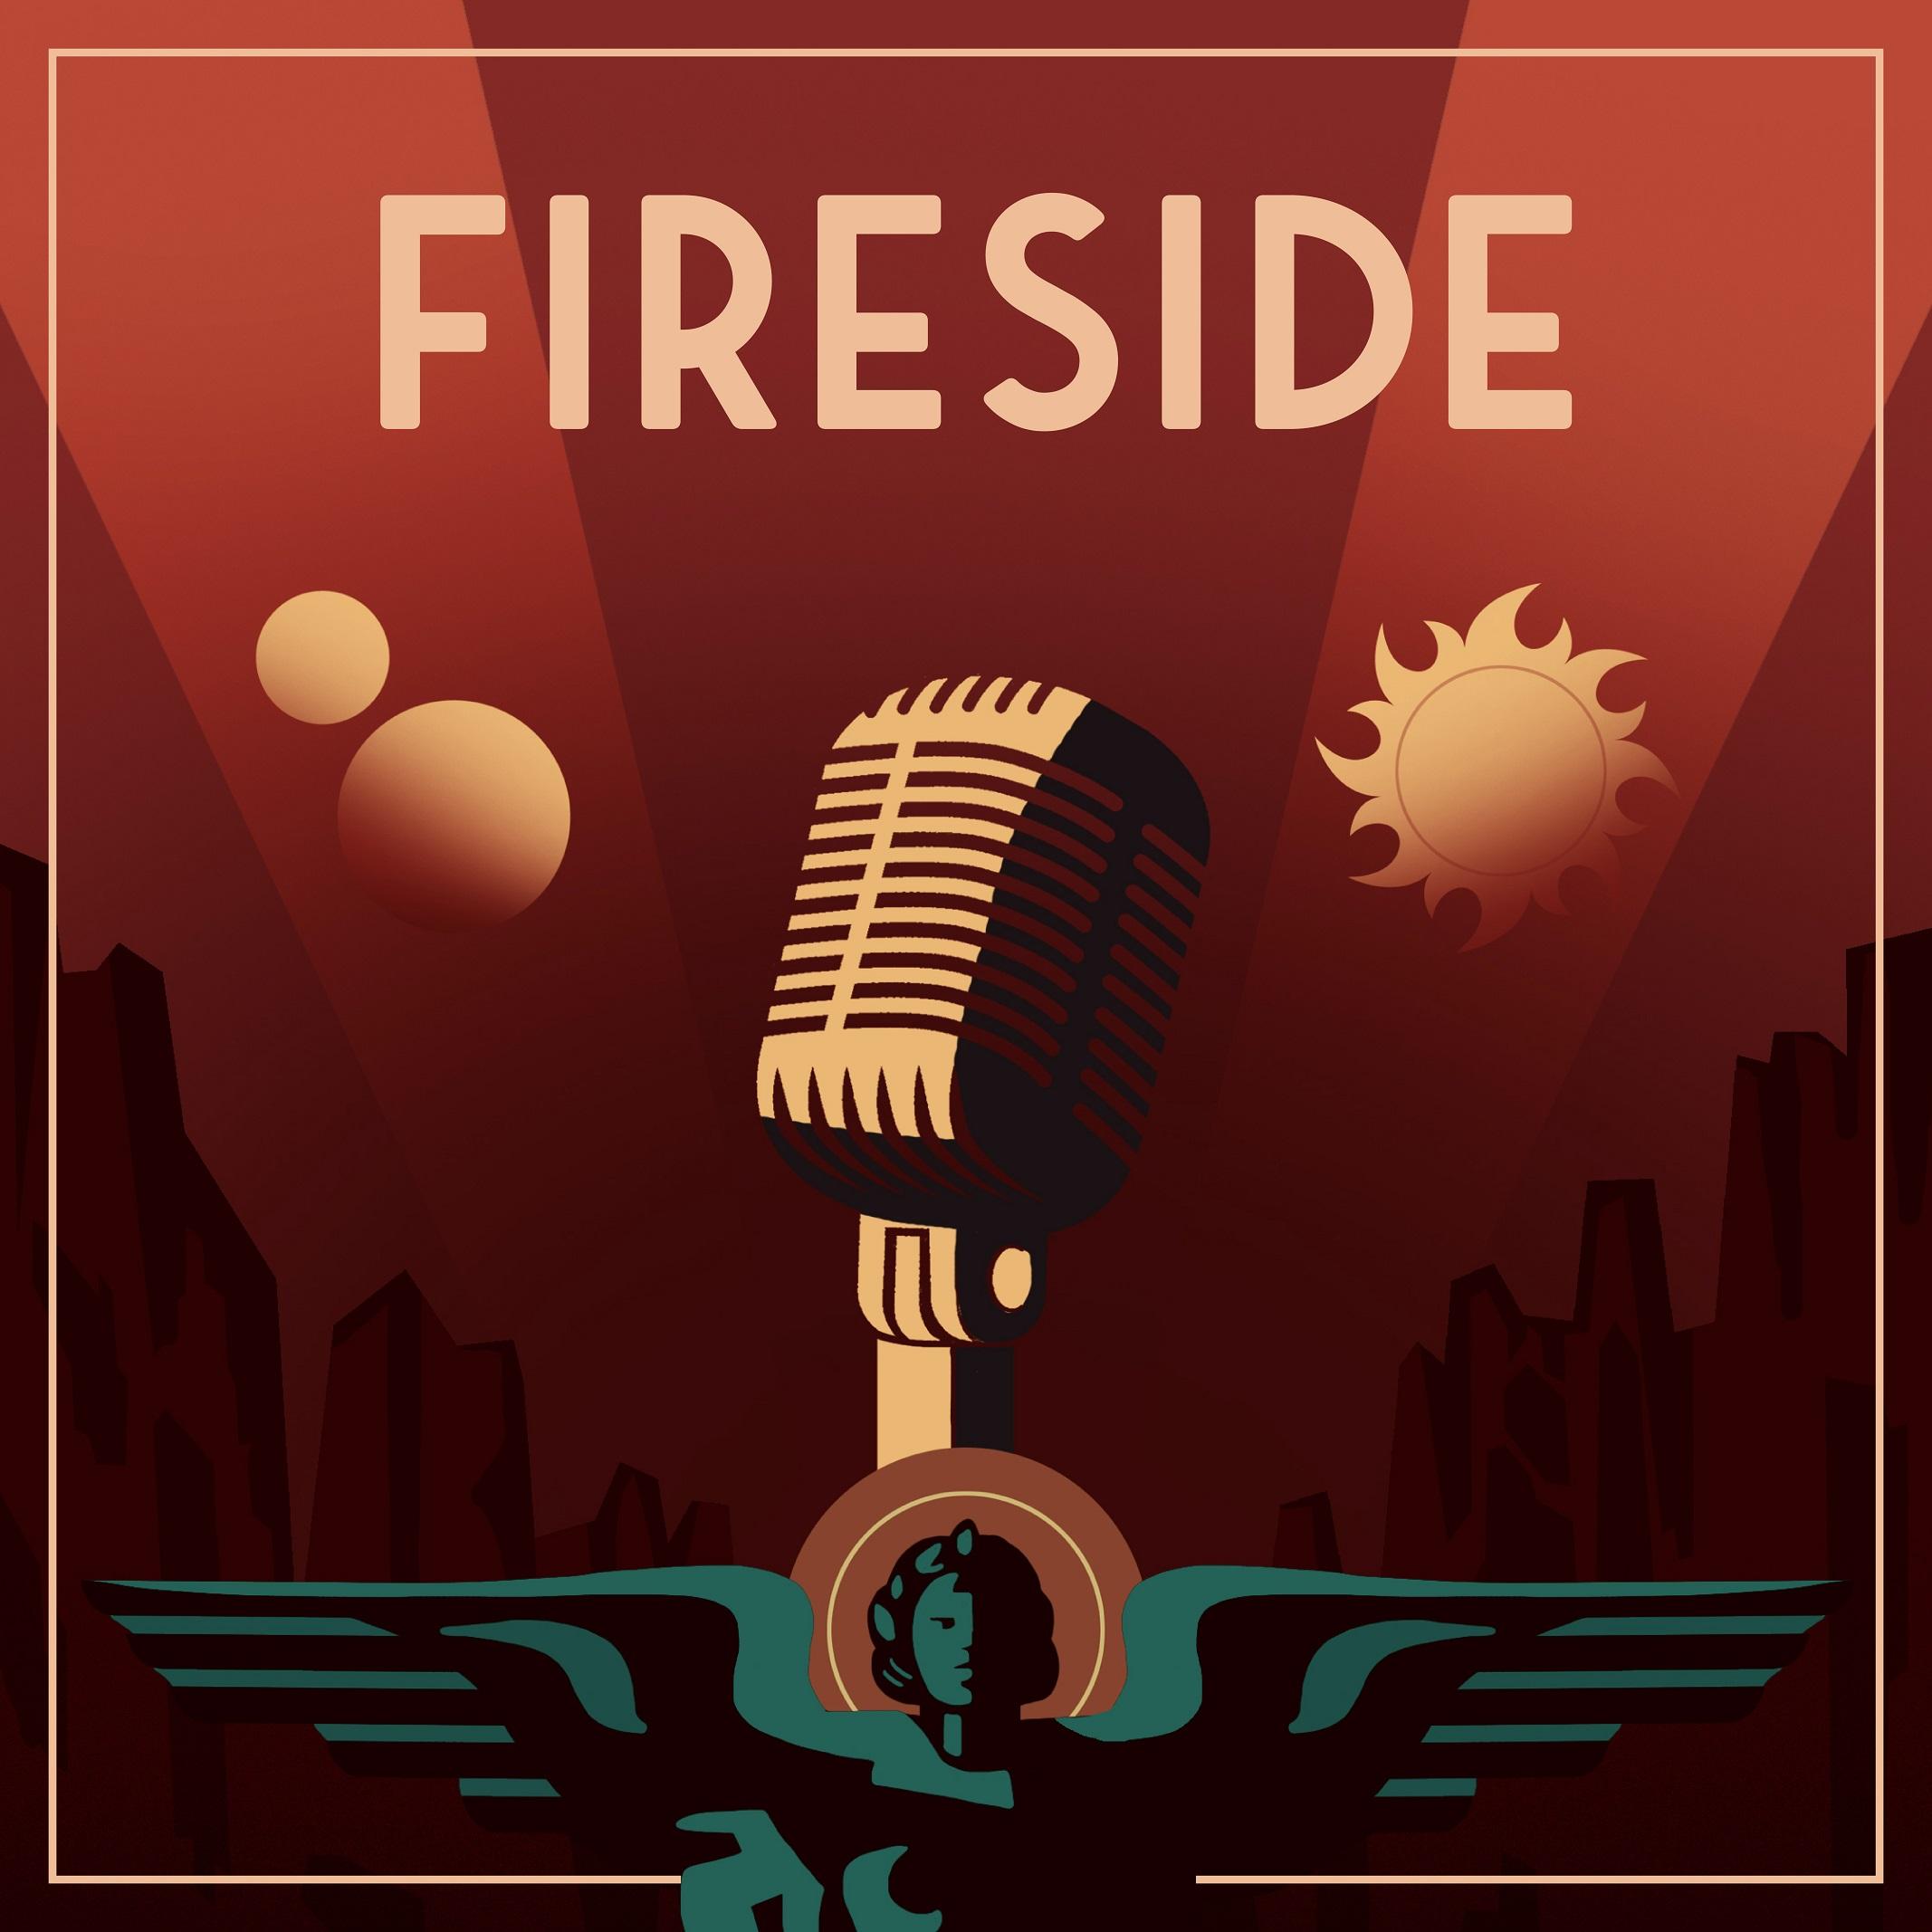 FIRESIDE show art